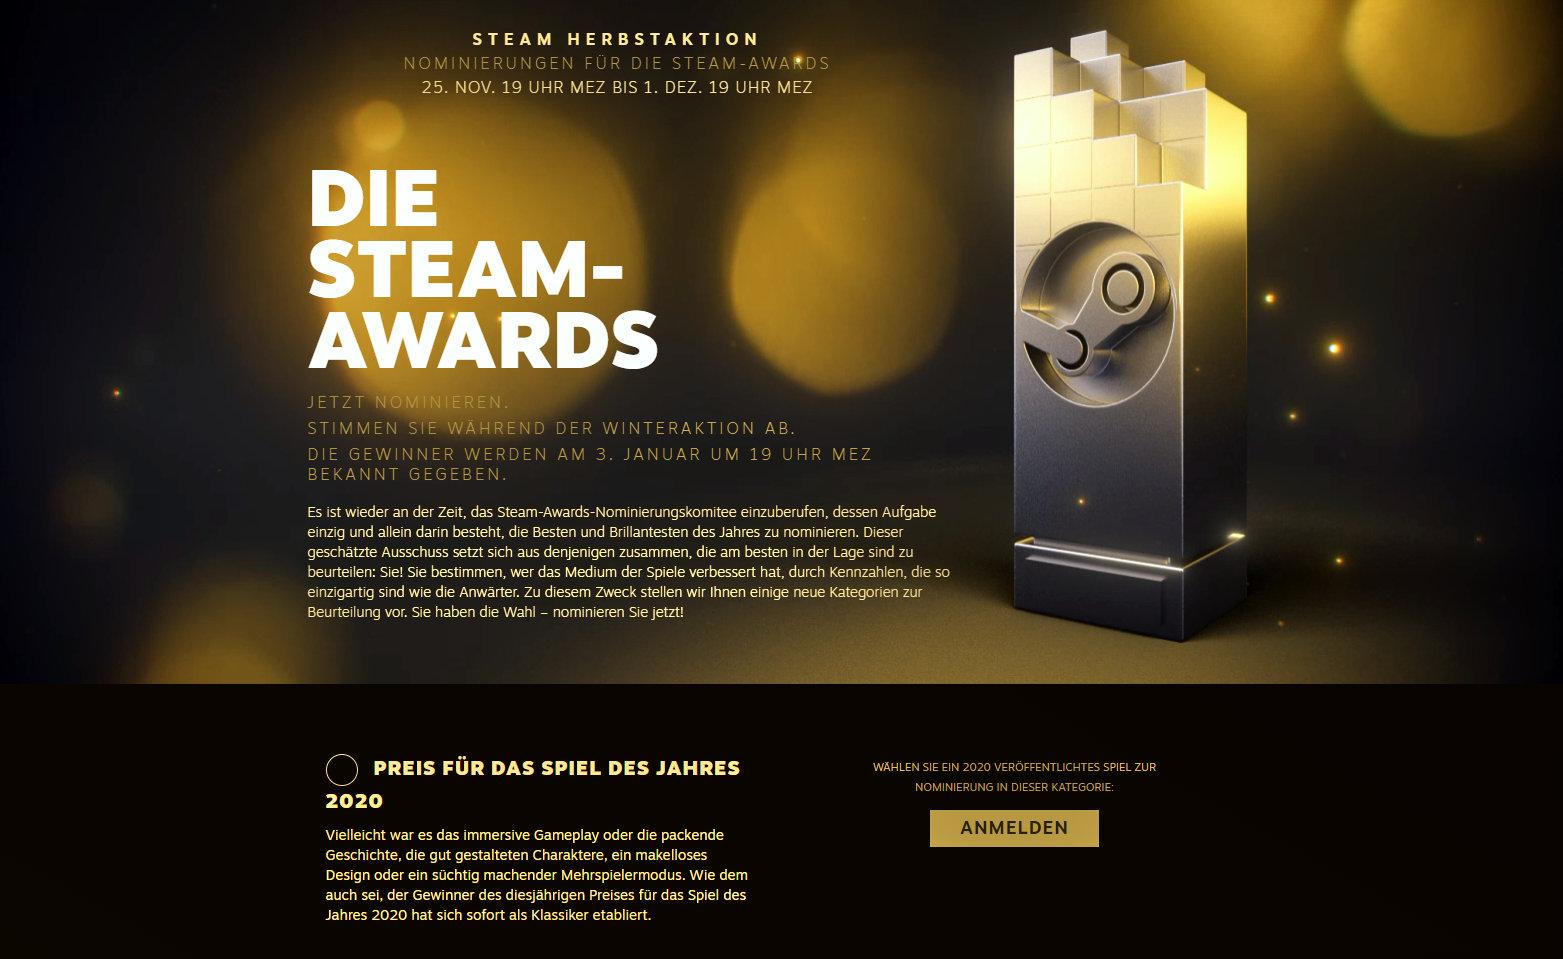 Quelle: Steam - Steam-Awards 2020